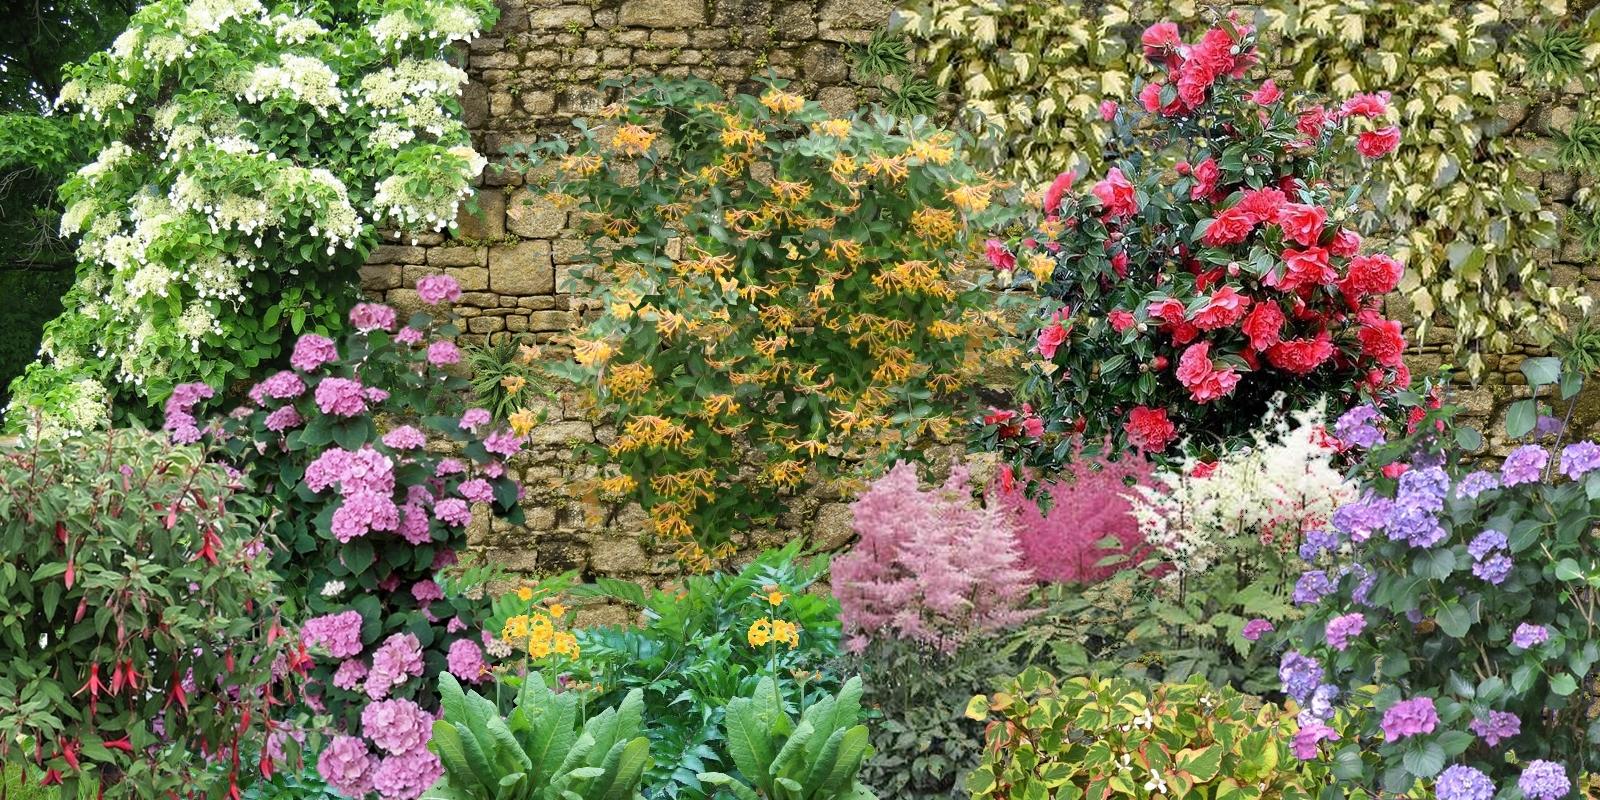 Comment fleurir un mur au nord - Comment fixer un rosier grimpant au mur ...